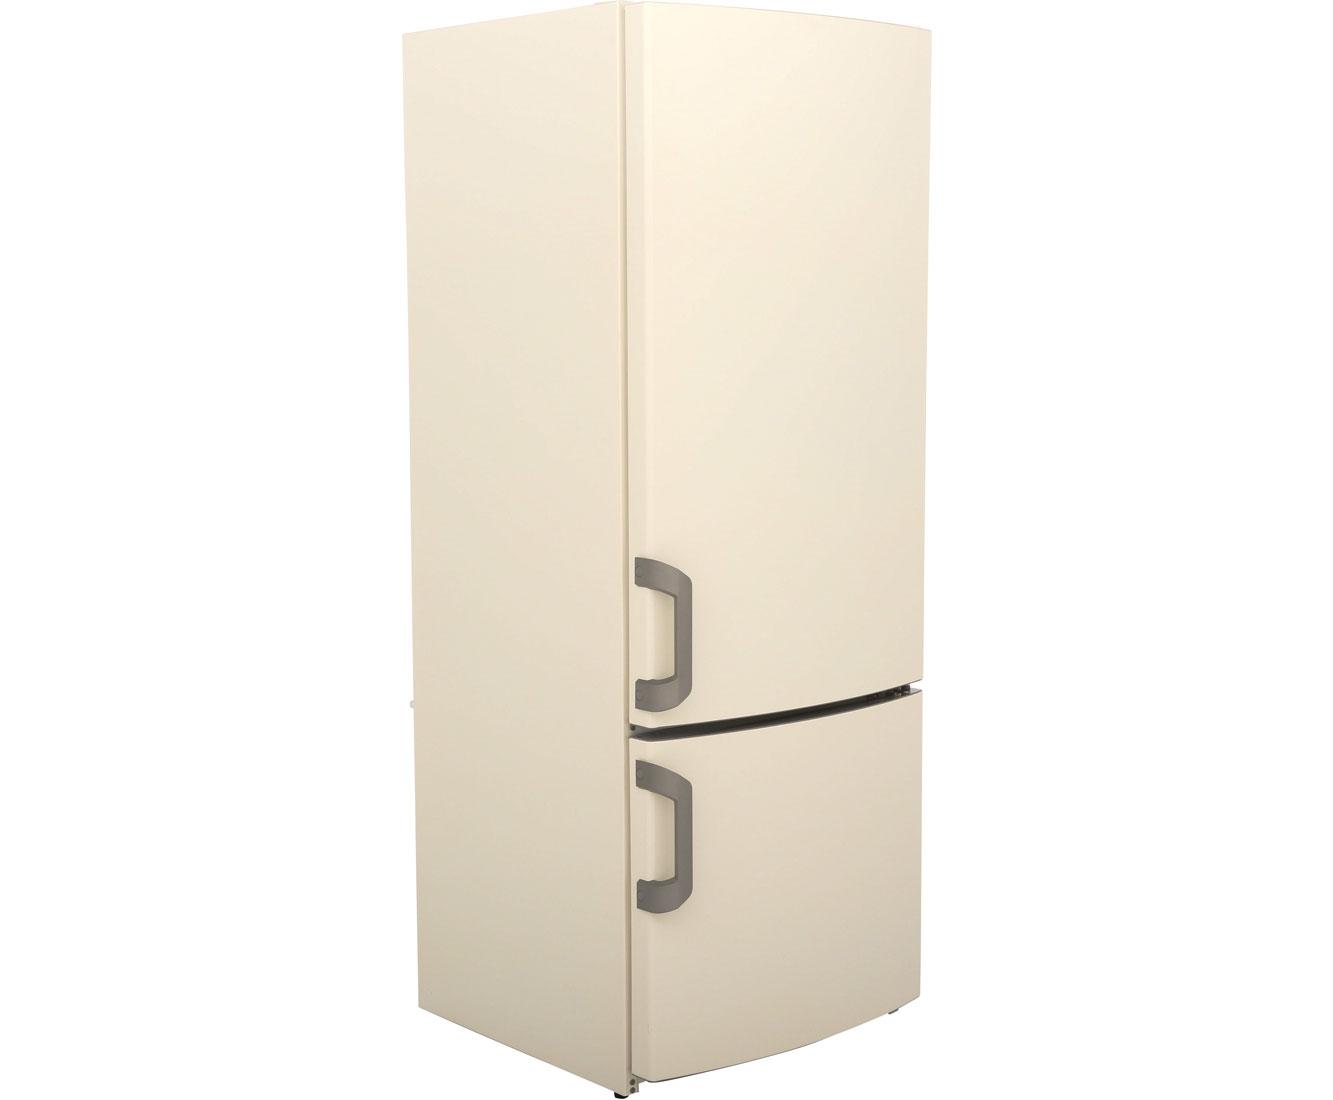 Gorenje Kühlschrank Media Markt : Coolmatic kompressor kühlschrank preisvergleich u die besten